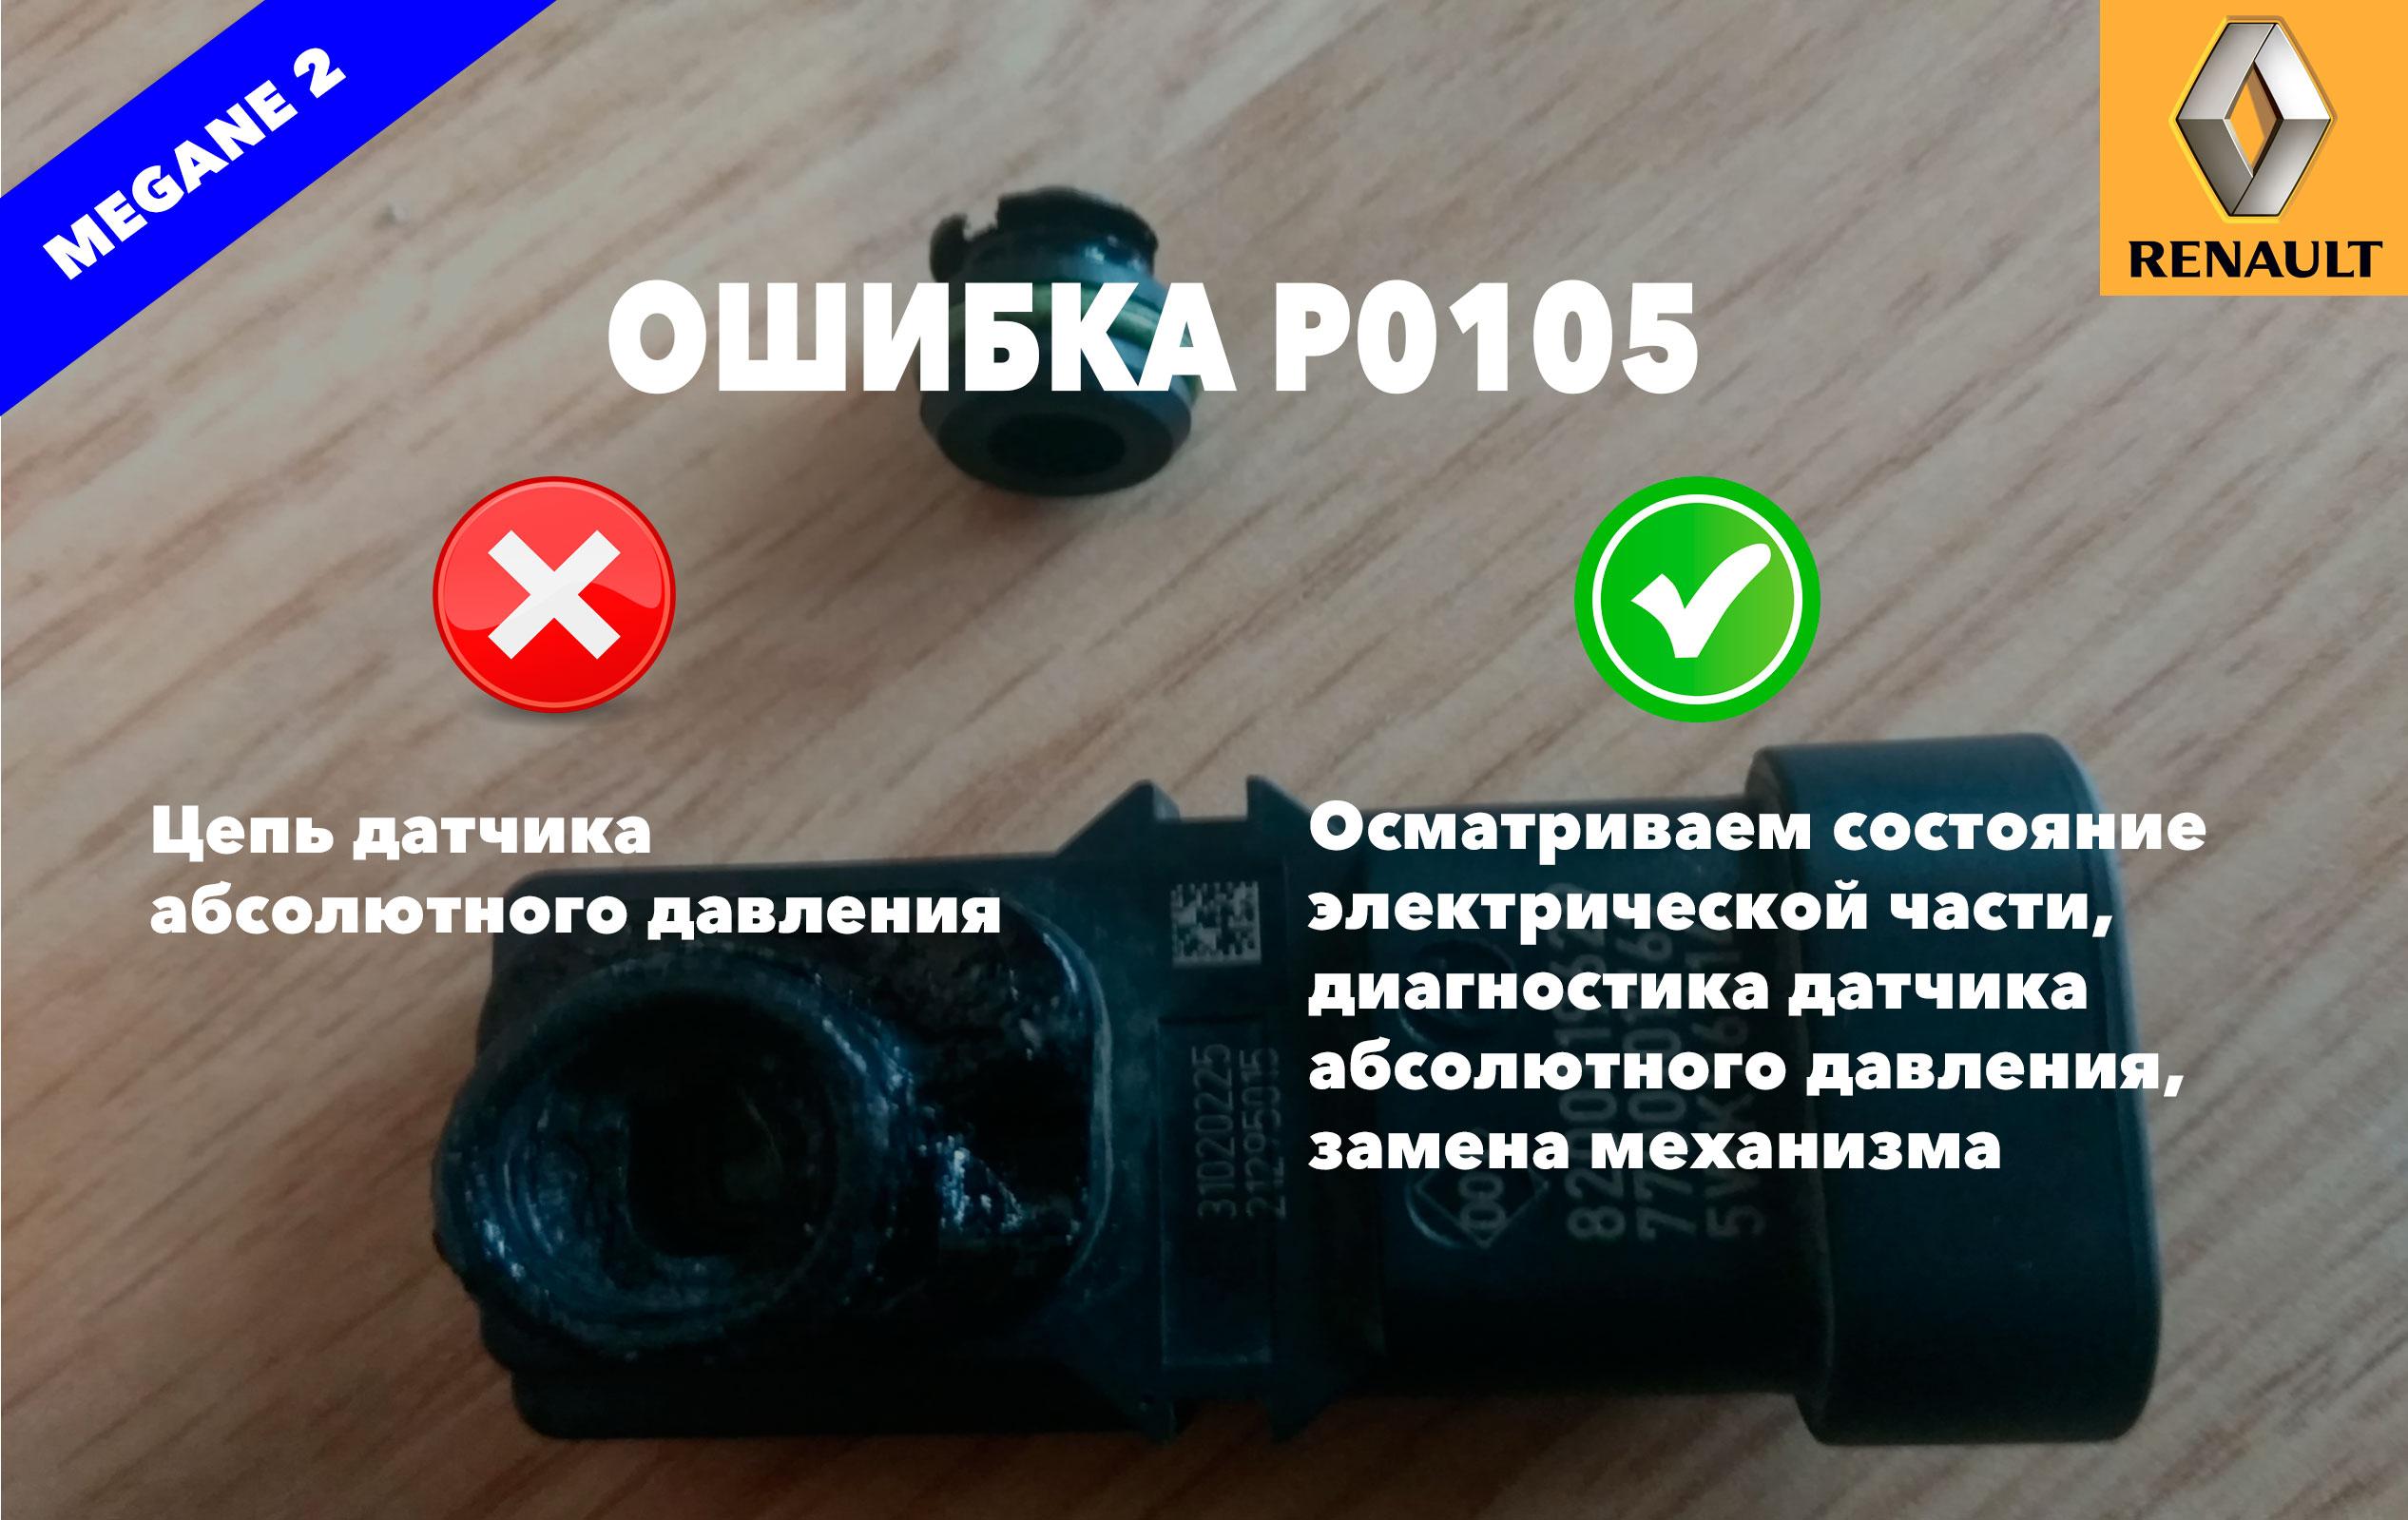 Рено Меган 2 код ошибки P0105 – датчик абсолютного давления